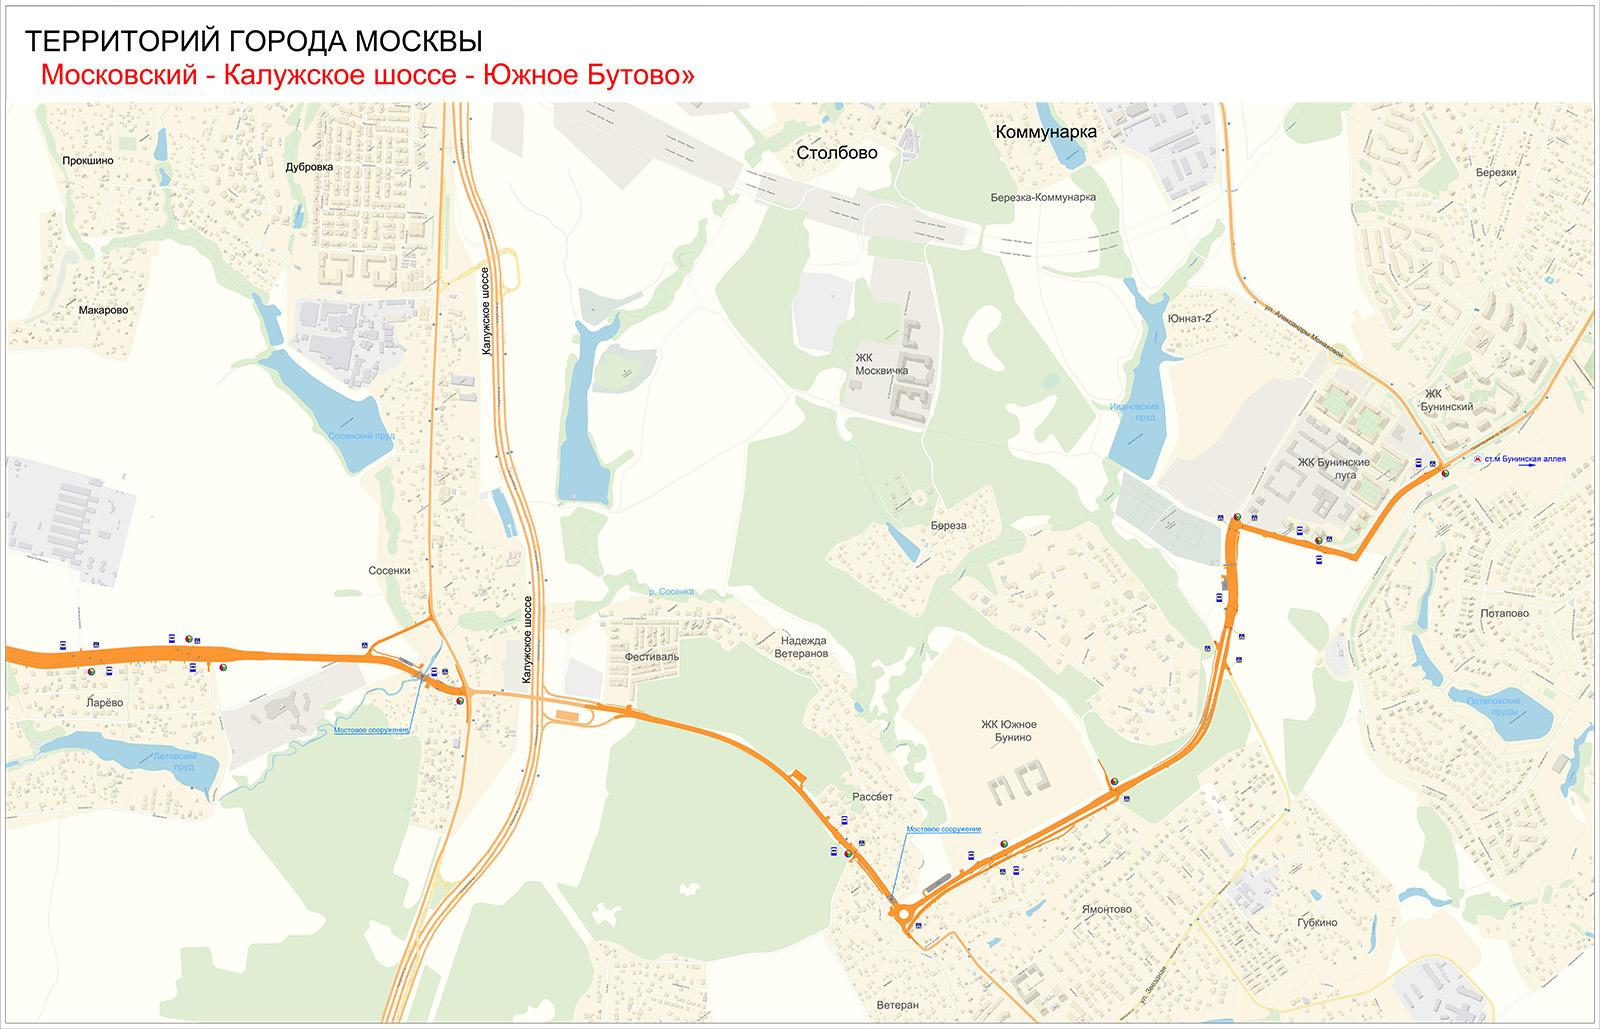 где проходит трасса от киевского шоссе до южного бутово